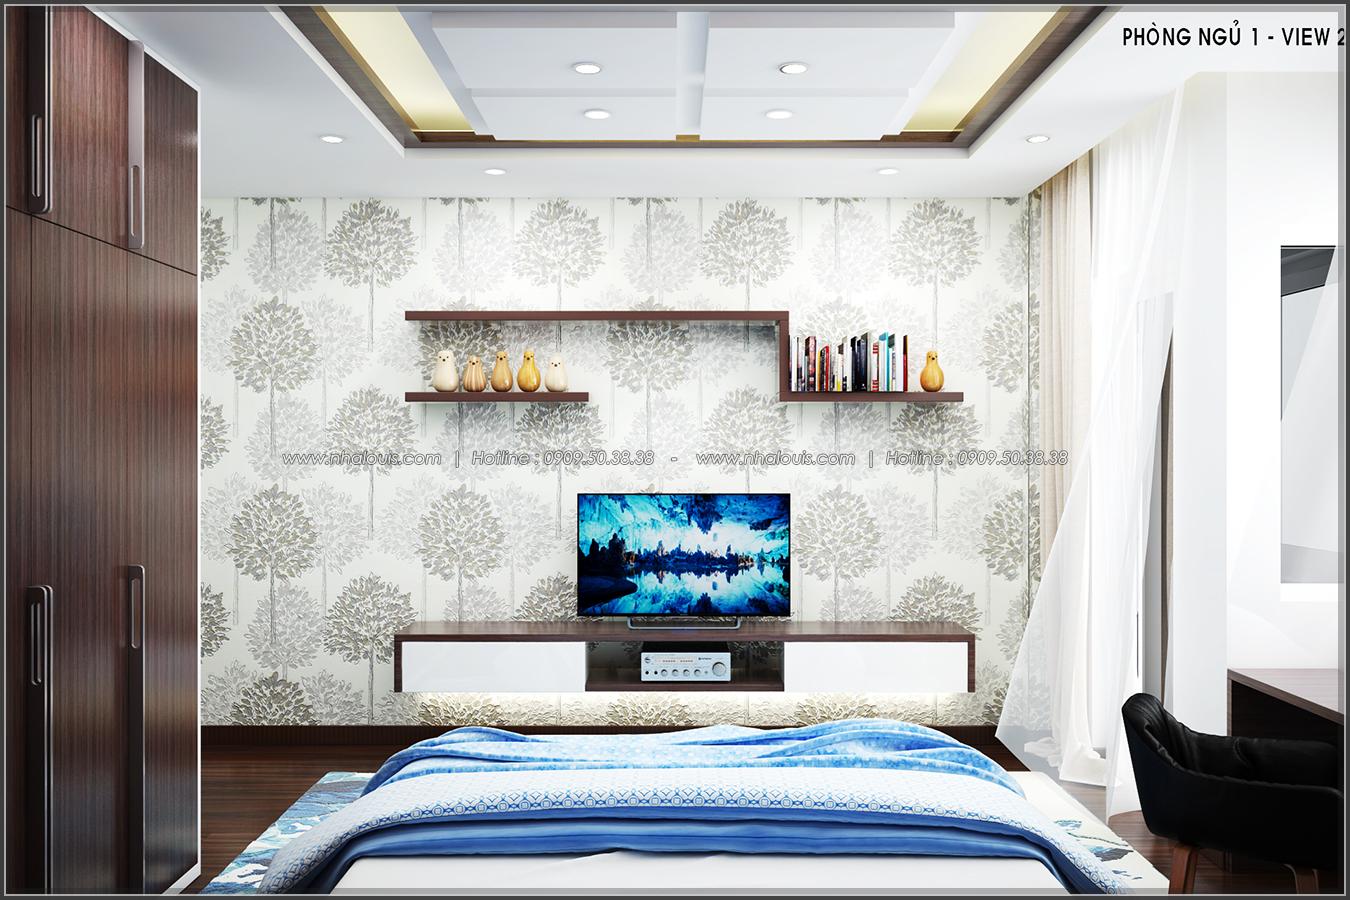 Thiết kế nội thất nhà ống đẹp tone gỗ ấm áp và sang trọng quận Tân Bình - 9